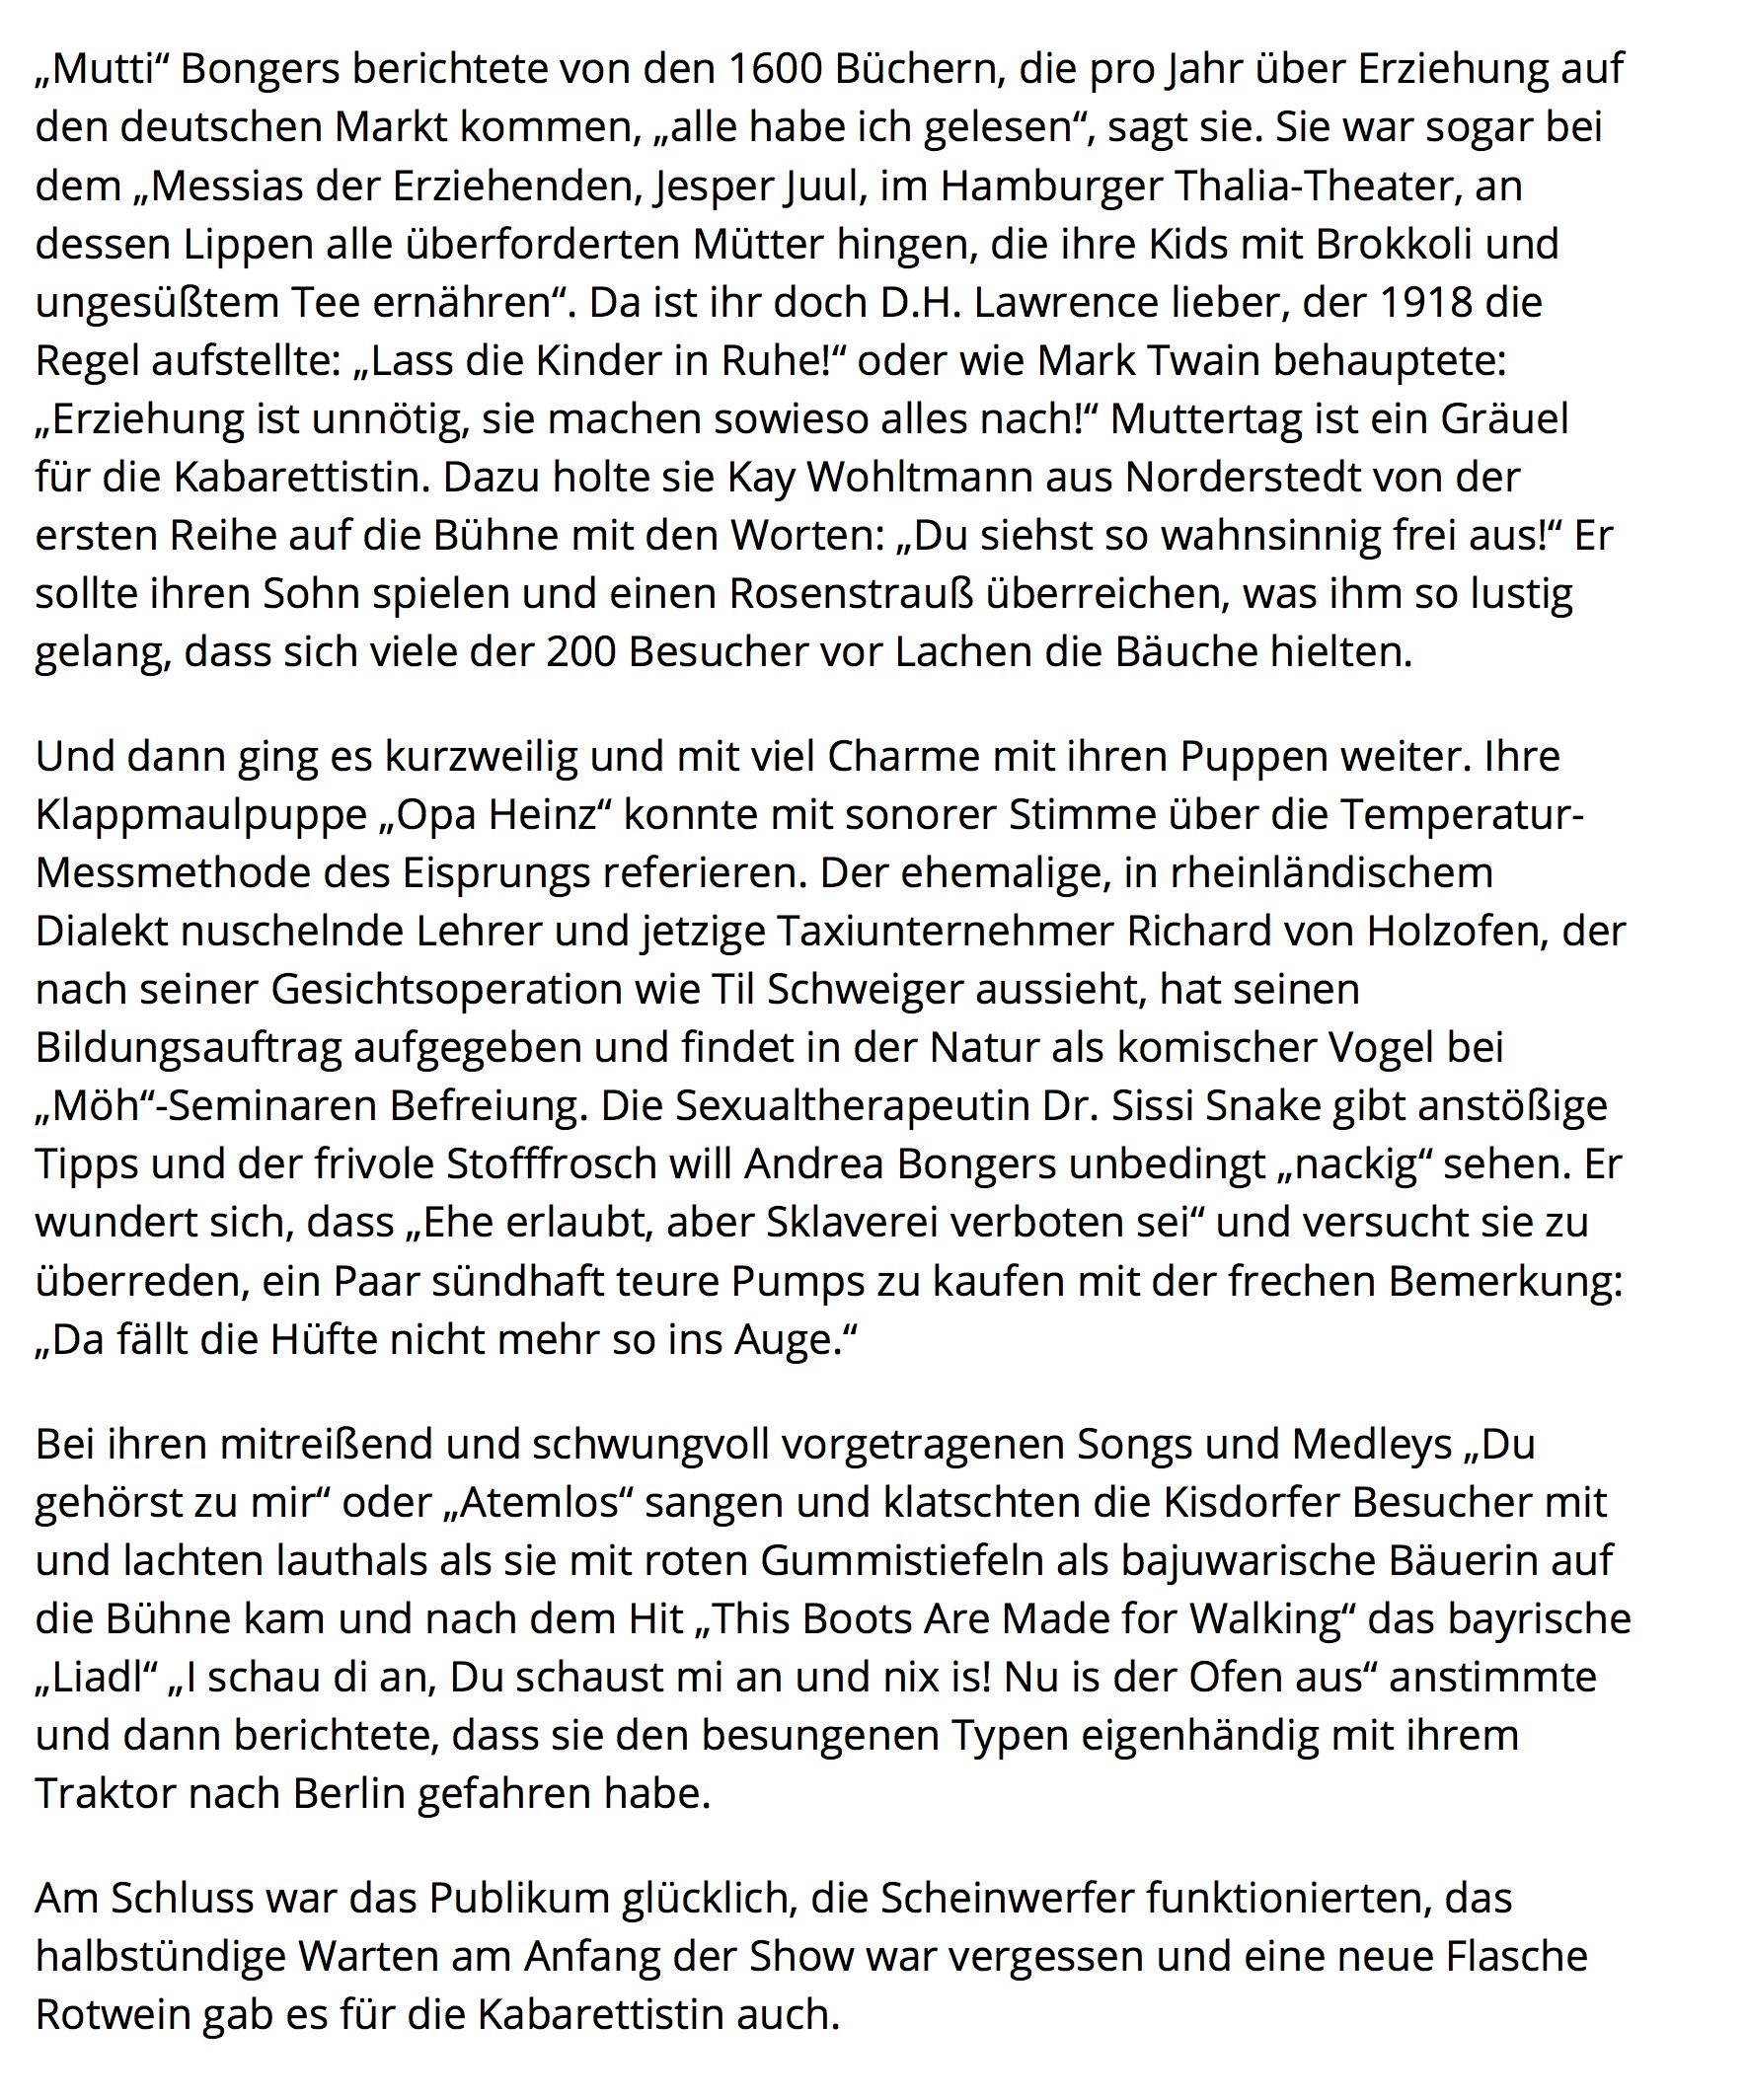 Segeberger Zeitung / Kieler Nachrichten vom 27.01.2020